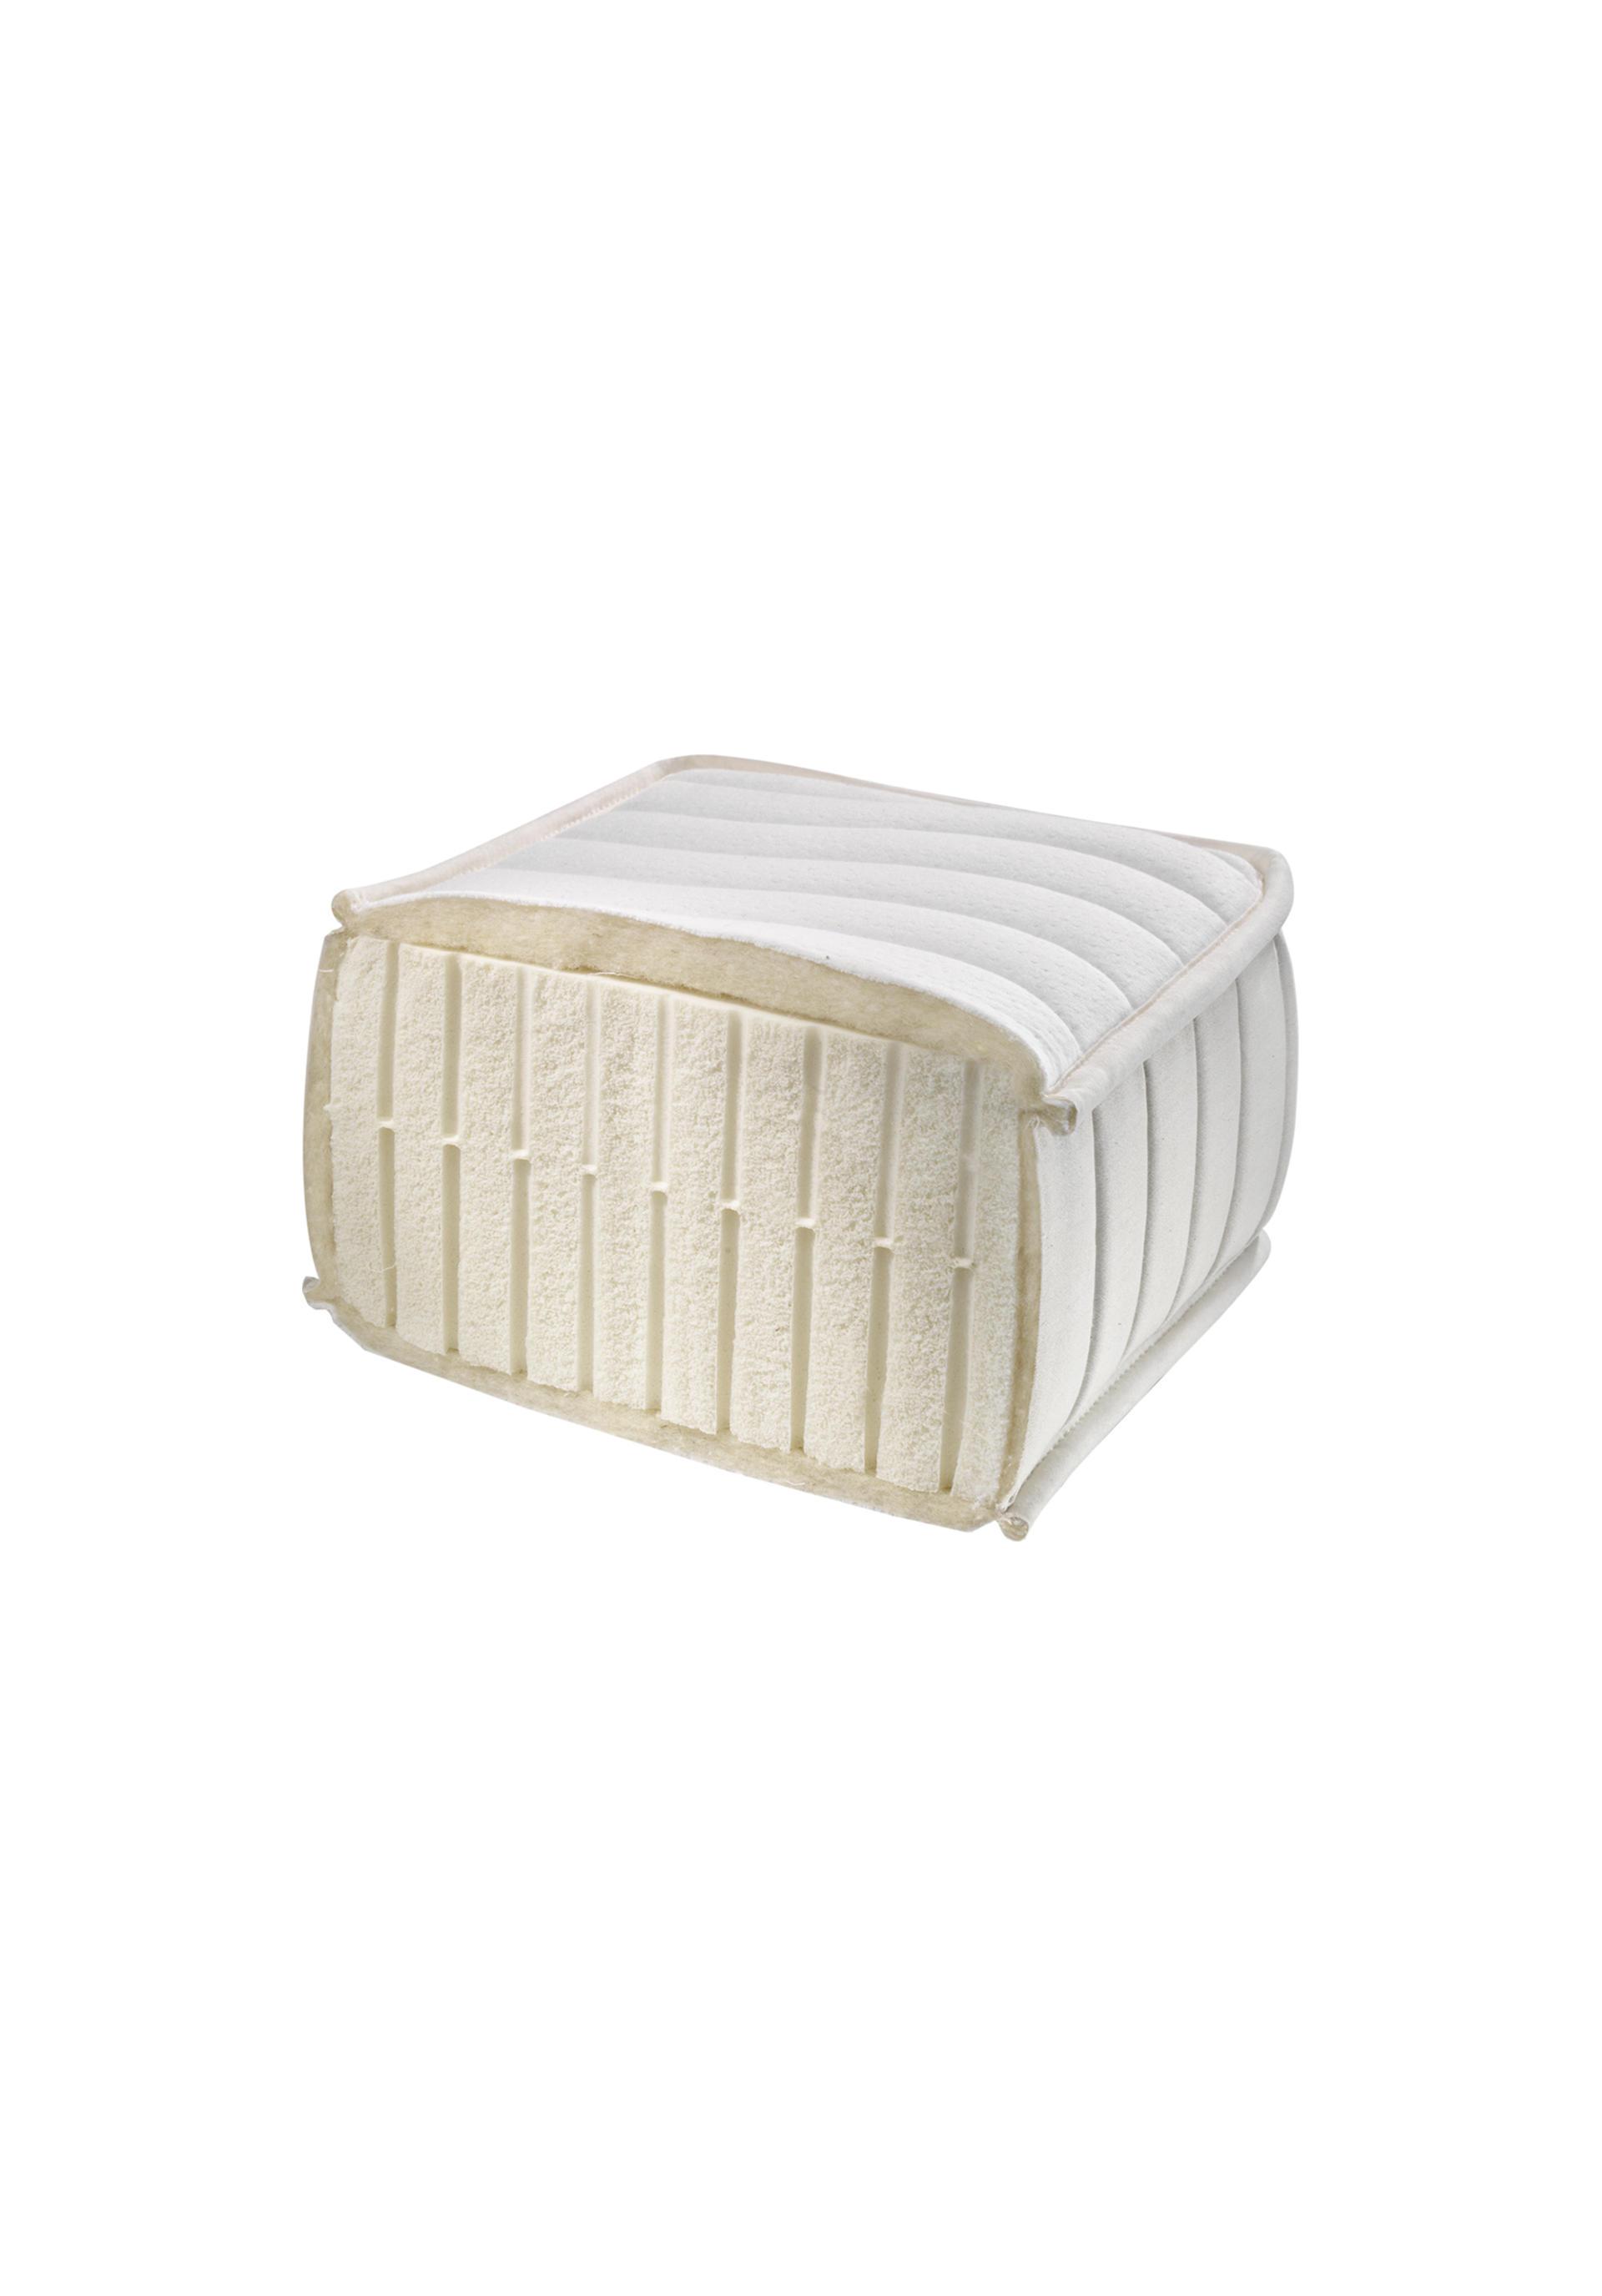 hessnatur bettdecken test billerbeck kopfkissen 40x80 dachschr ge deko schlafzimmer landhaus. Black Bedroom Furniture Sets. Home Design Ideas